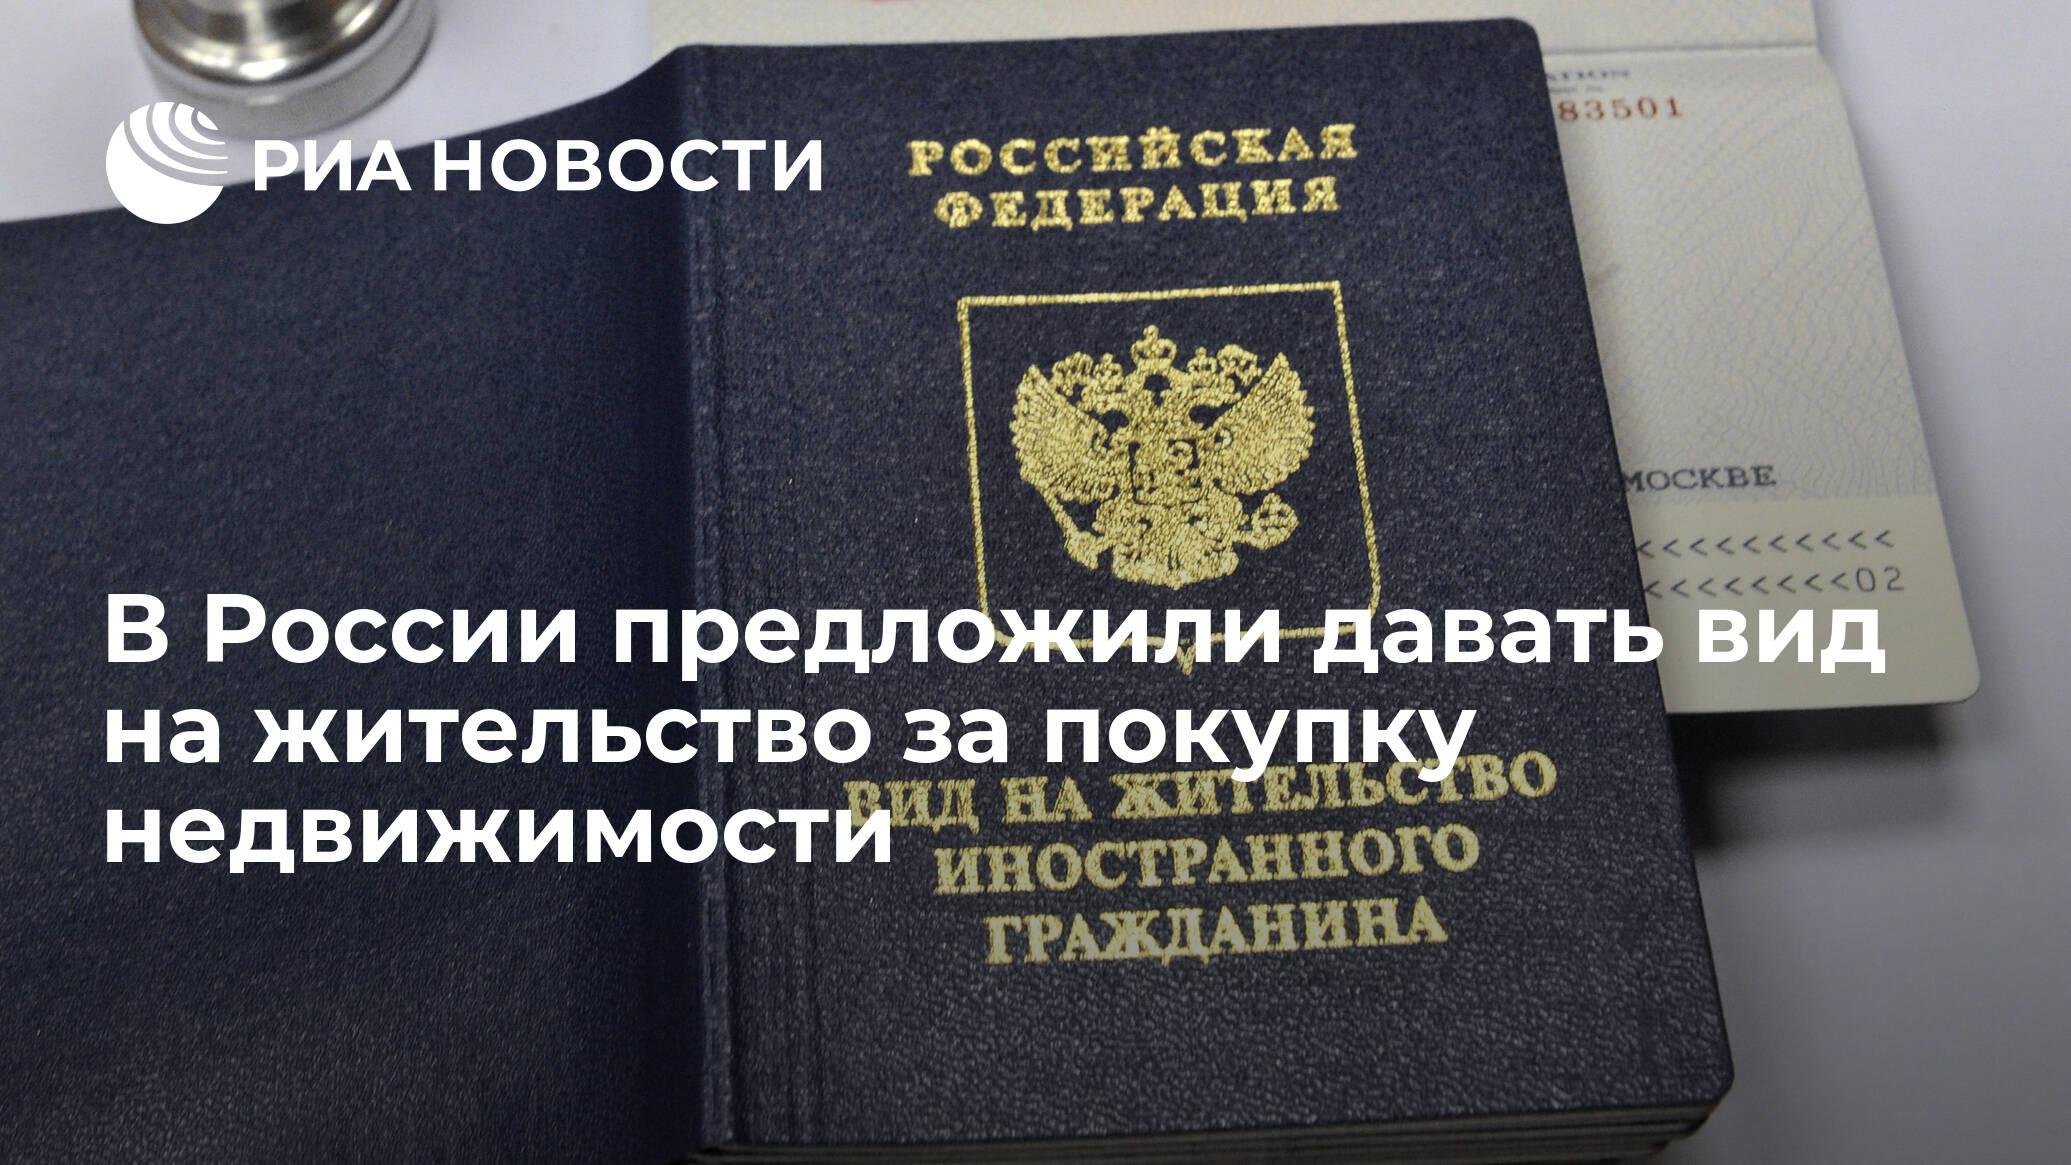 Вид на жительство в сша при покупке недвижимости даты открытия границ россии